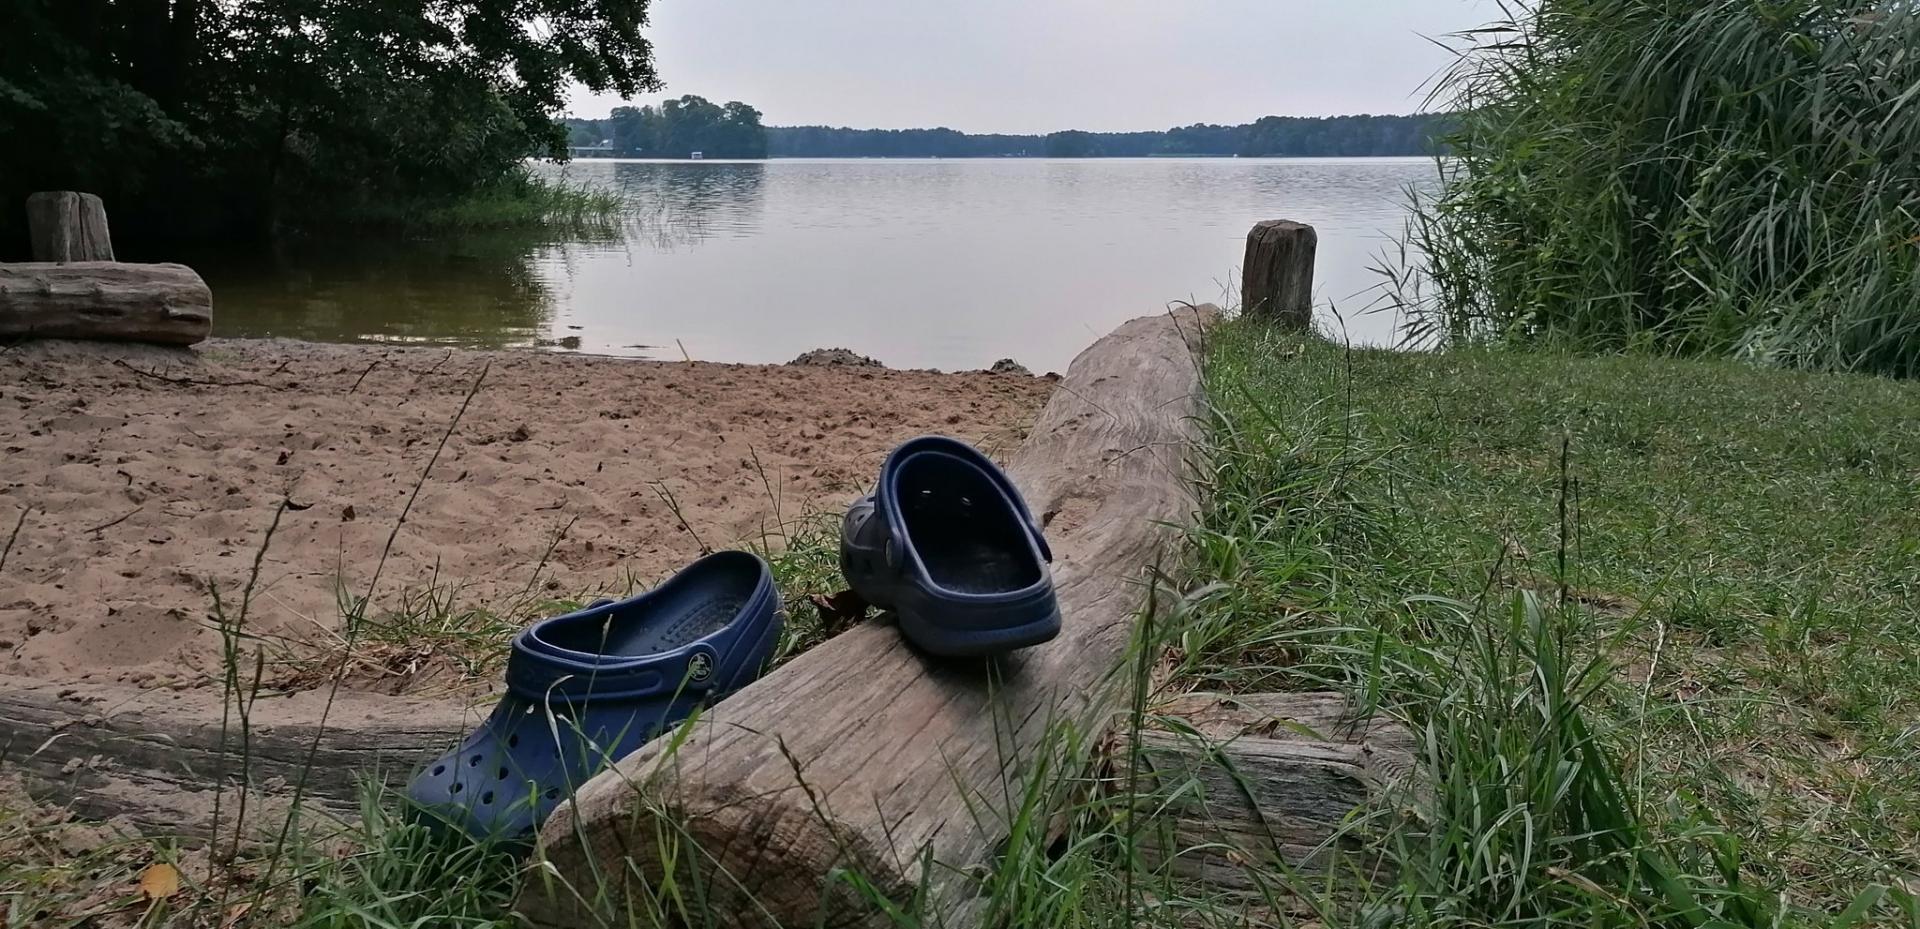 Vergessene Badeladtschen am Klein Köriser See. Foto: Dörthe Ziemer